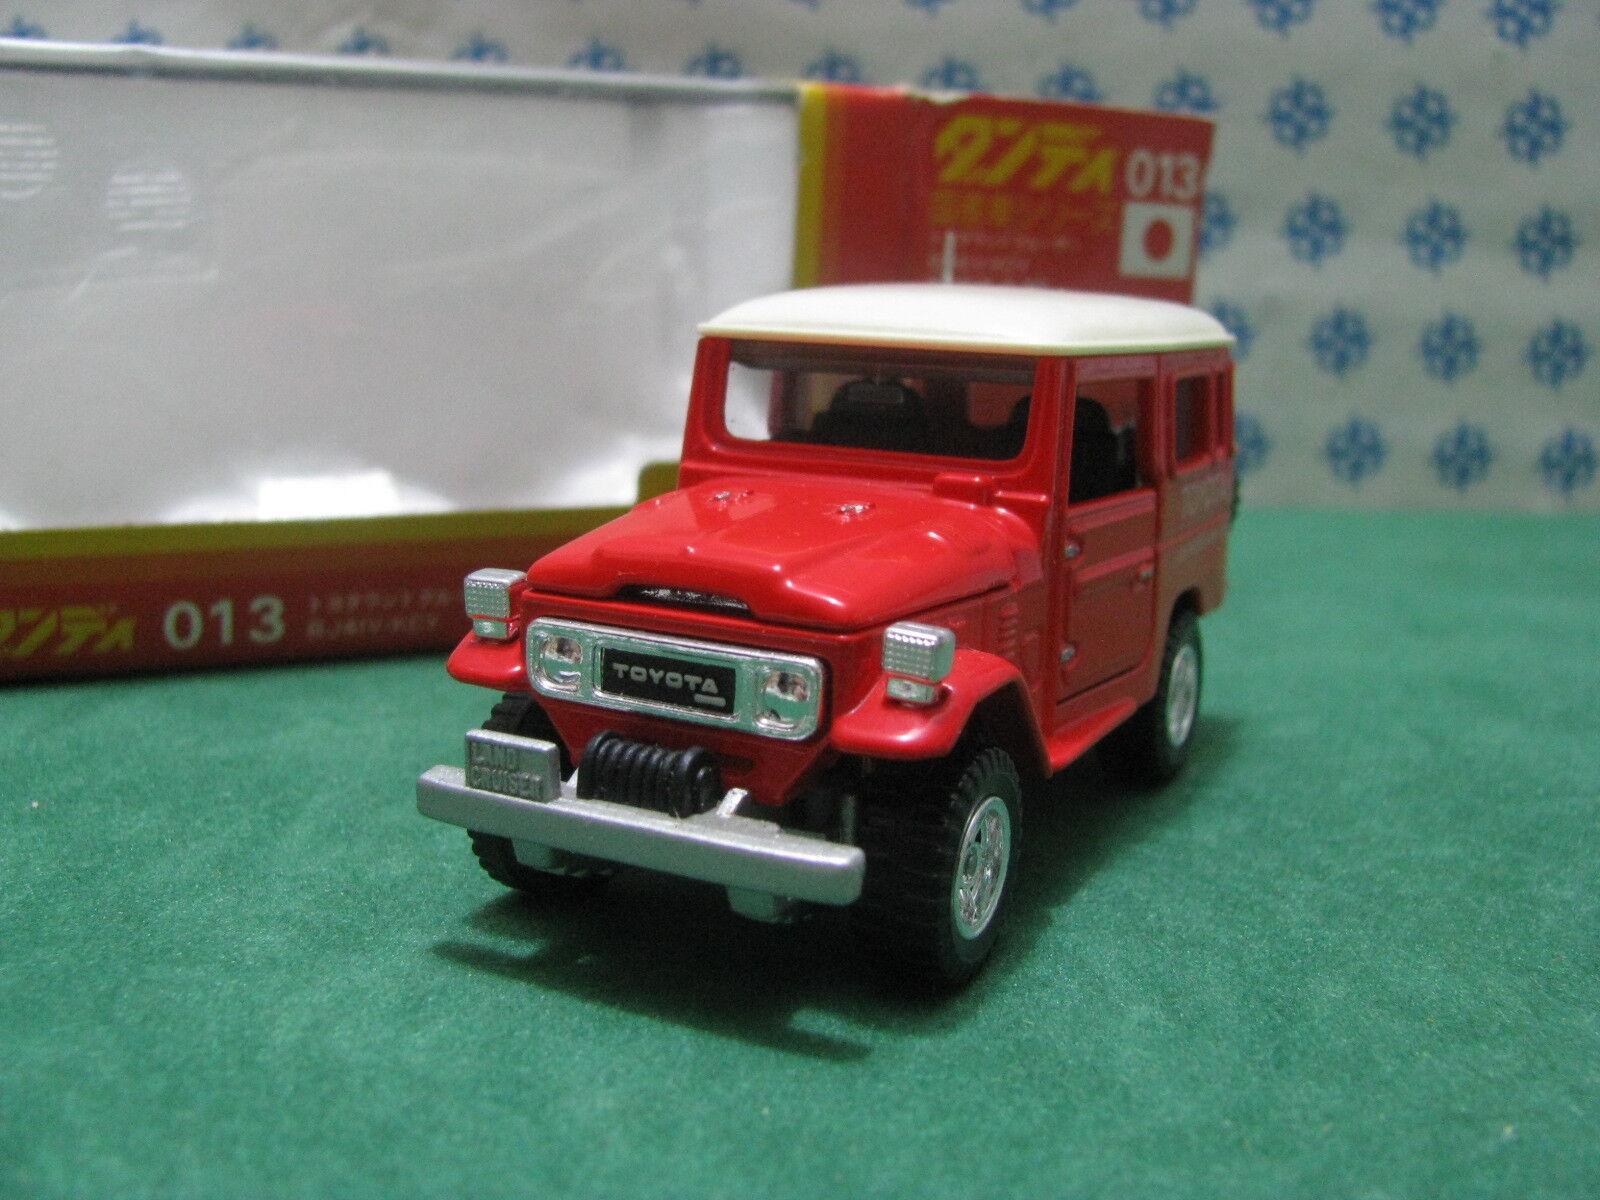 Vintage - TOYOTA LAND CRUISER 4WD - 1 43 Dandy Tomica n °013    Starke Hitze- und Abnutzungsbeständigkeit